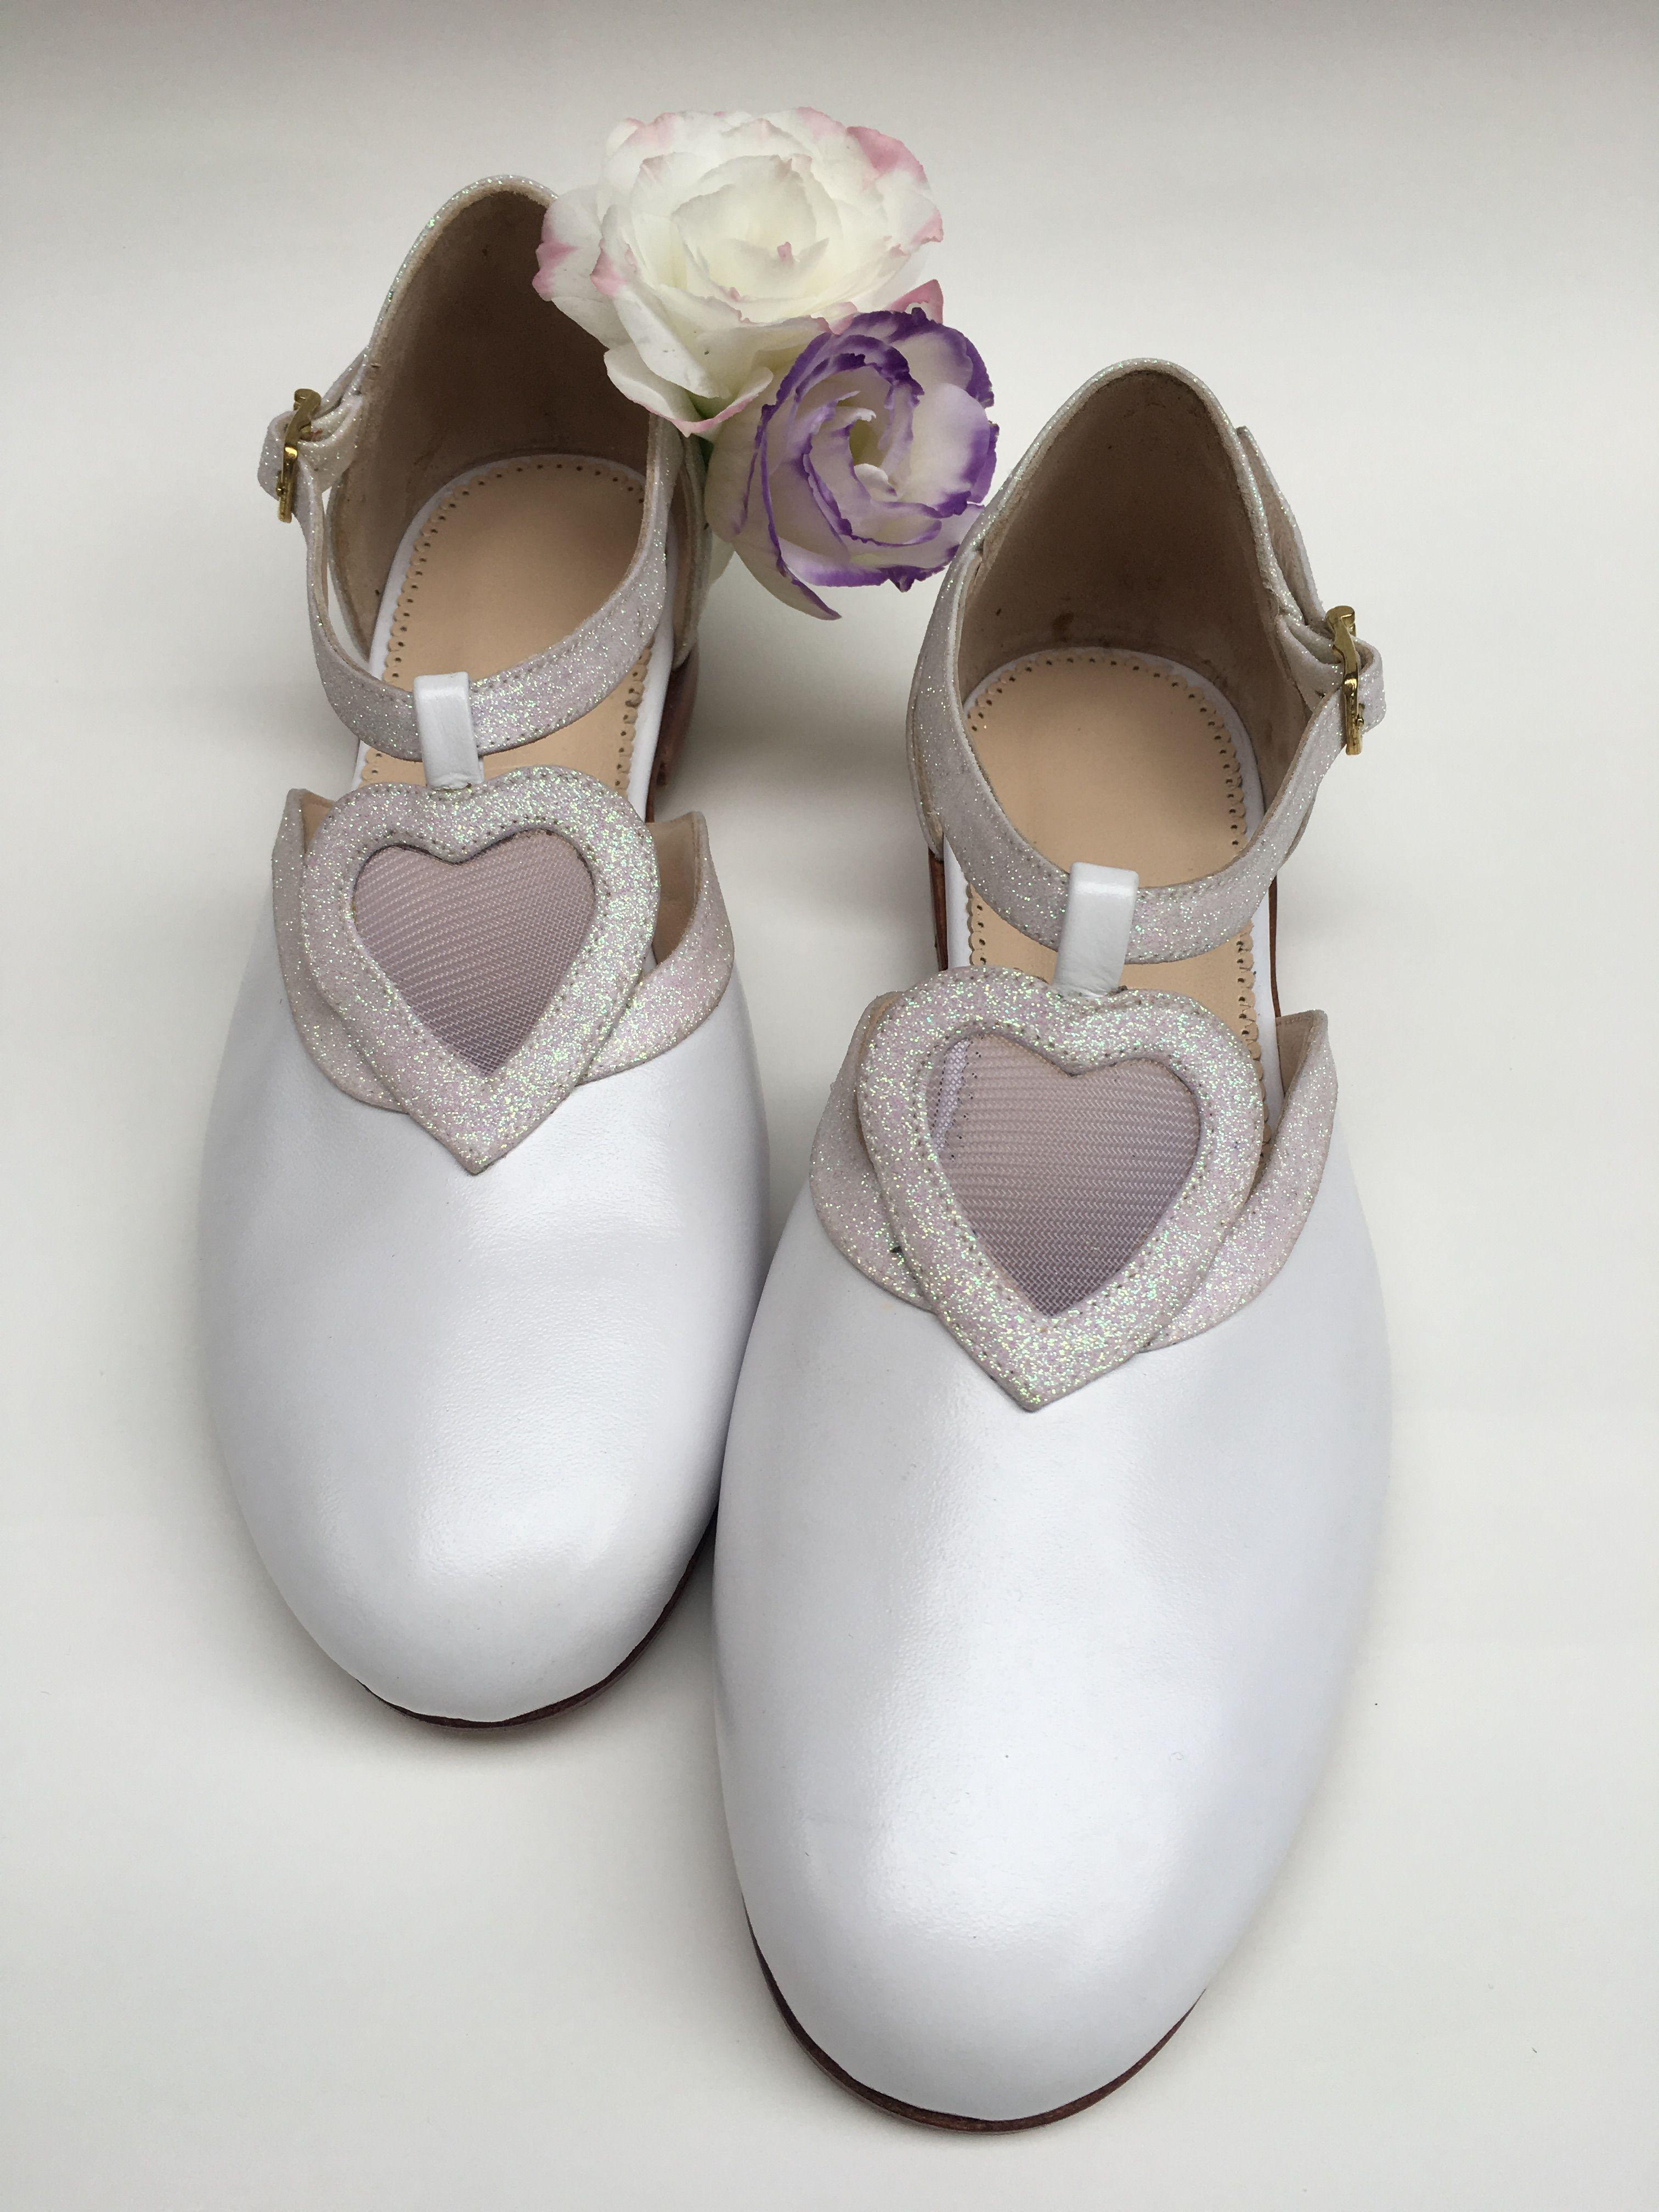 Pin de zapatos Paula Gauna en zapatos de chatos  Pinterest zapatos c98cc0